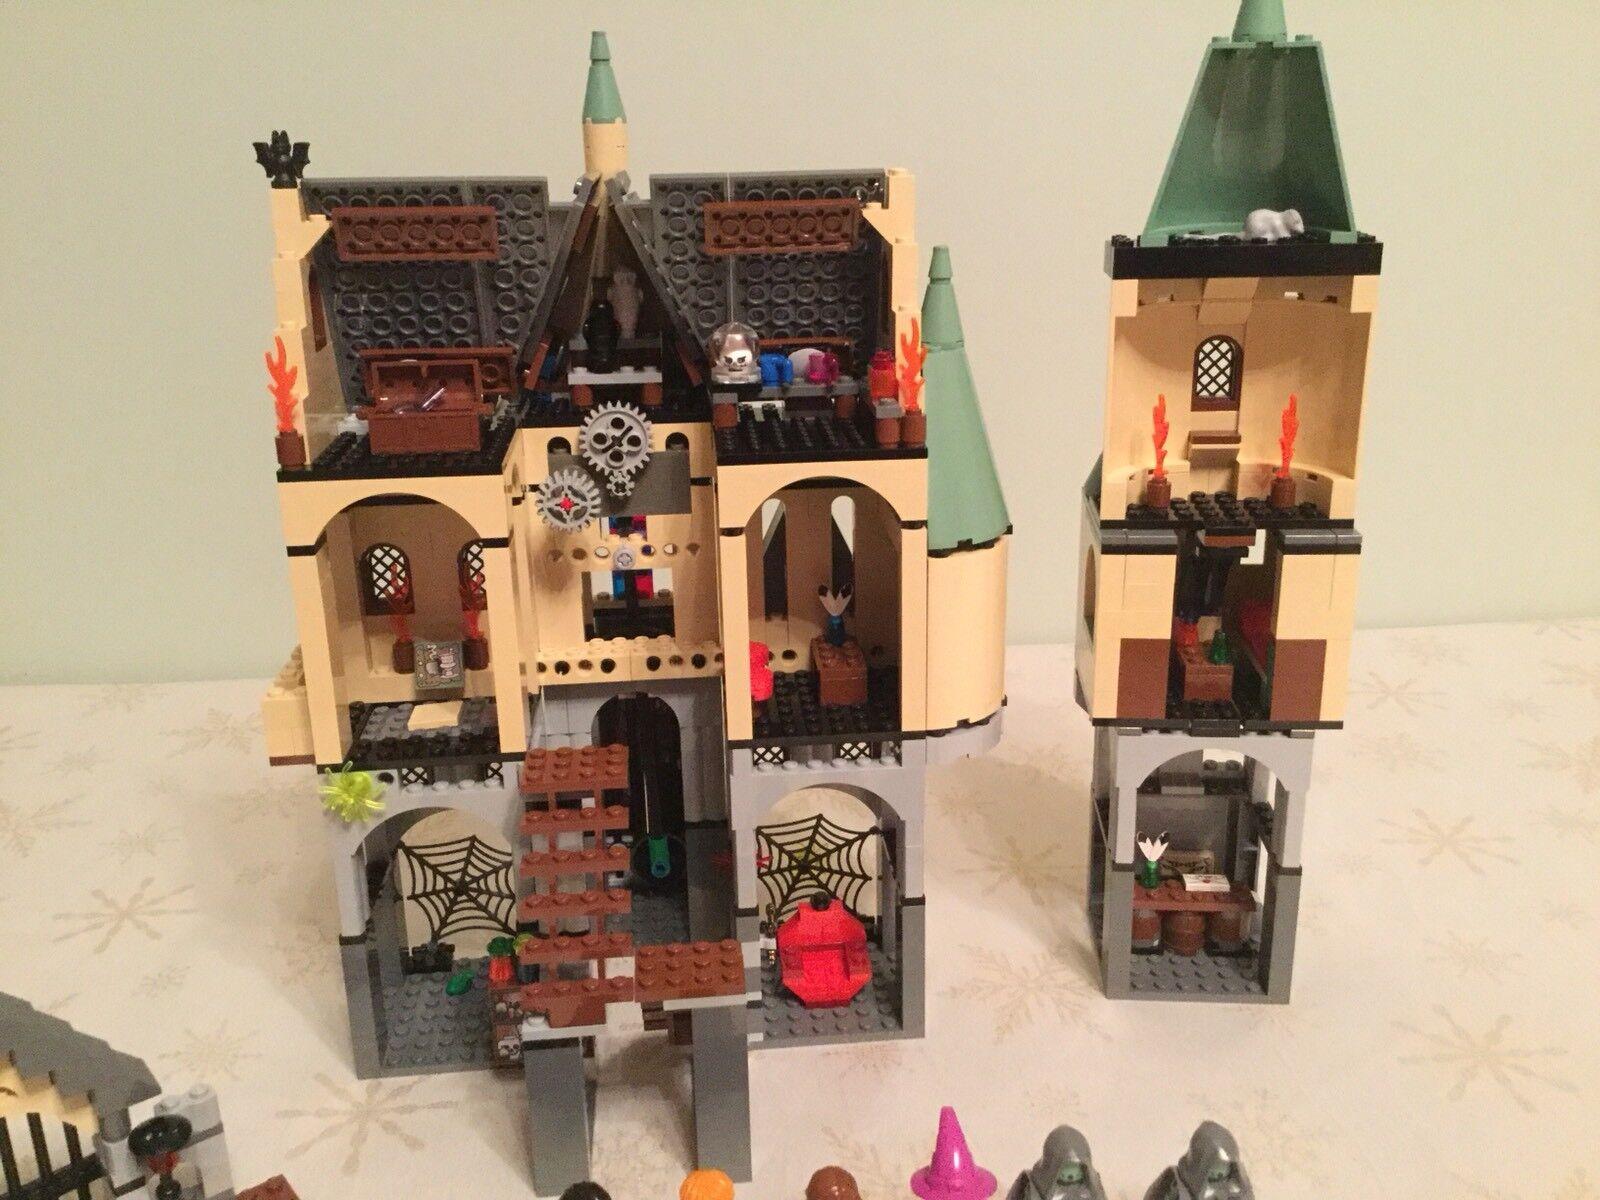 Lego Harry Potter Potter Potter 4757 Hogwarts Castle (2nd edition) 100%Complete+Instruction 685615